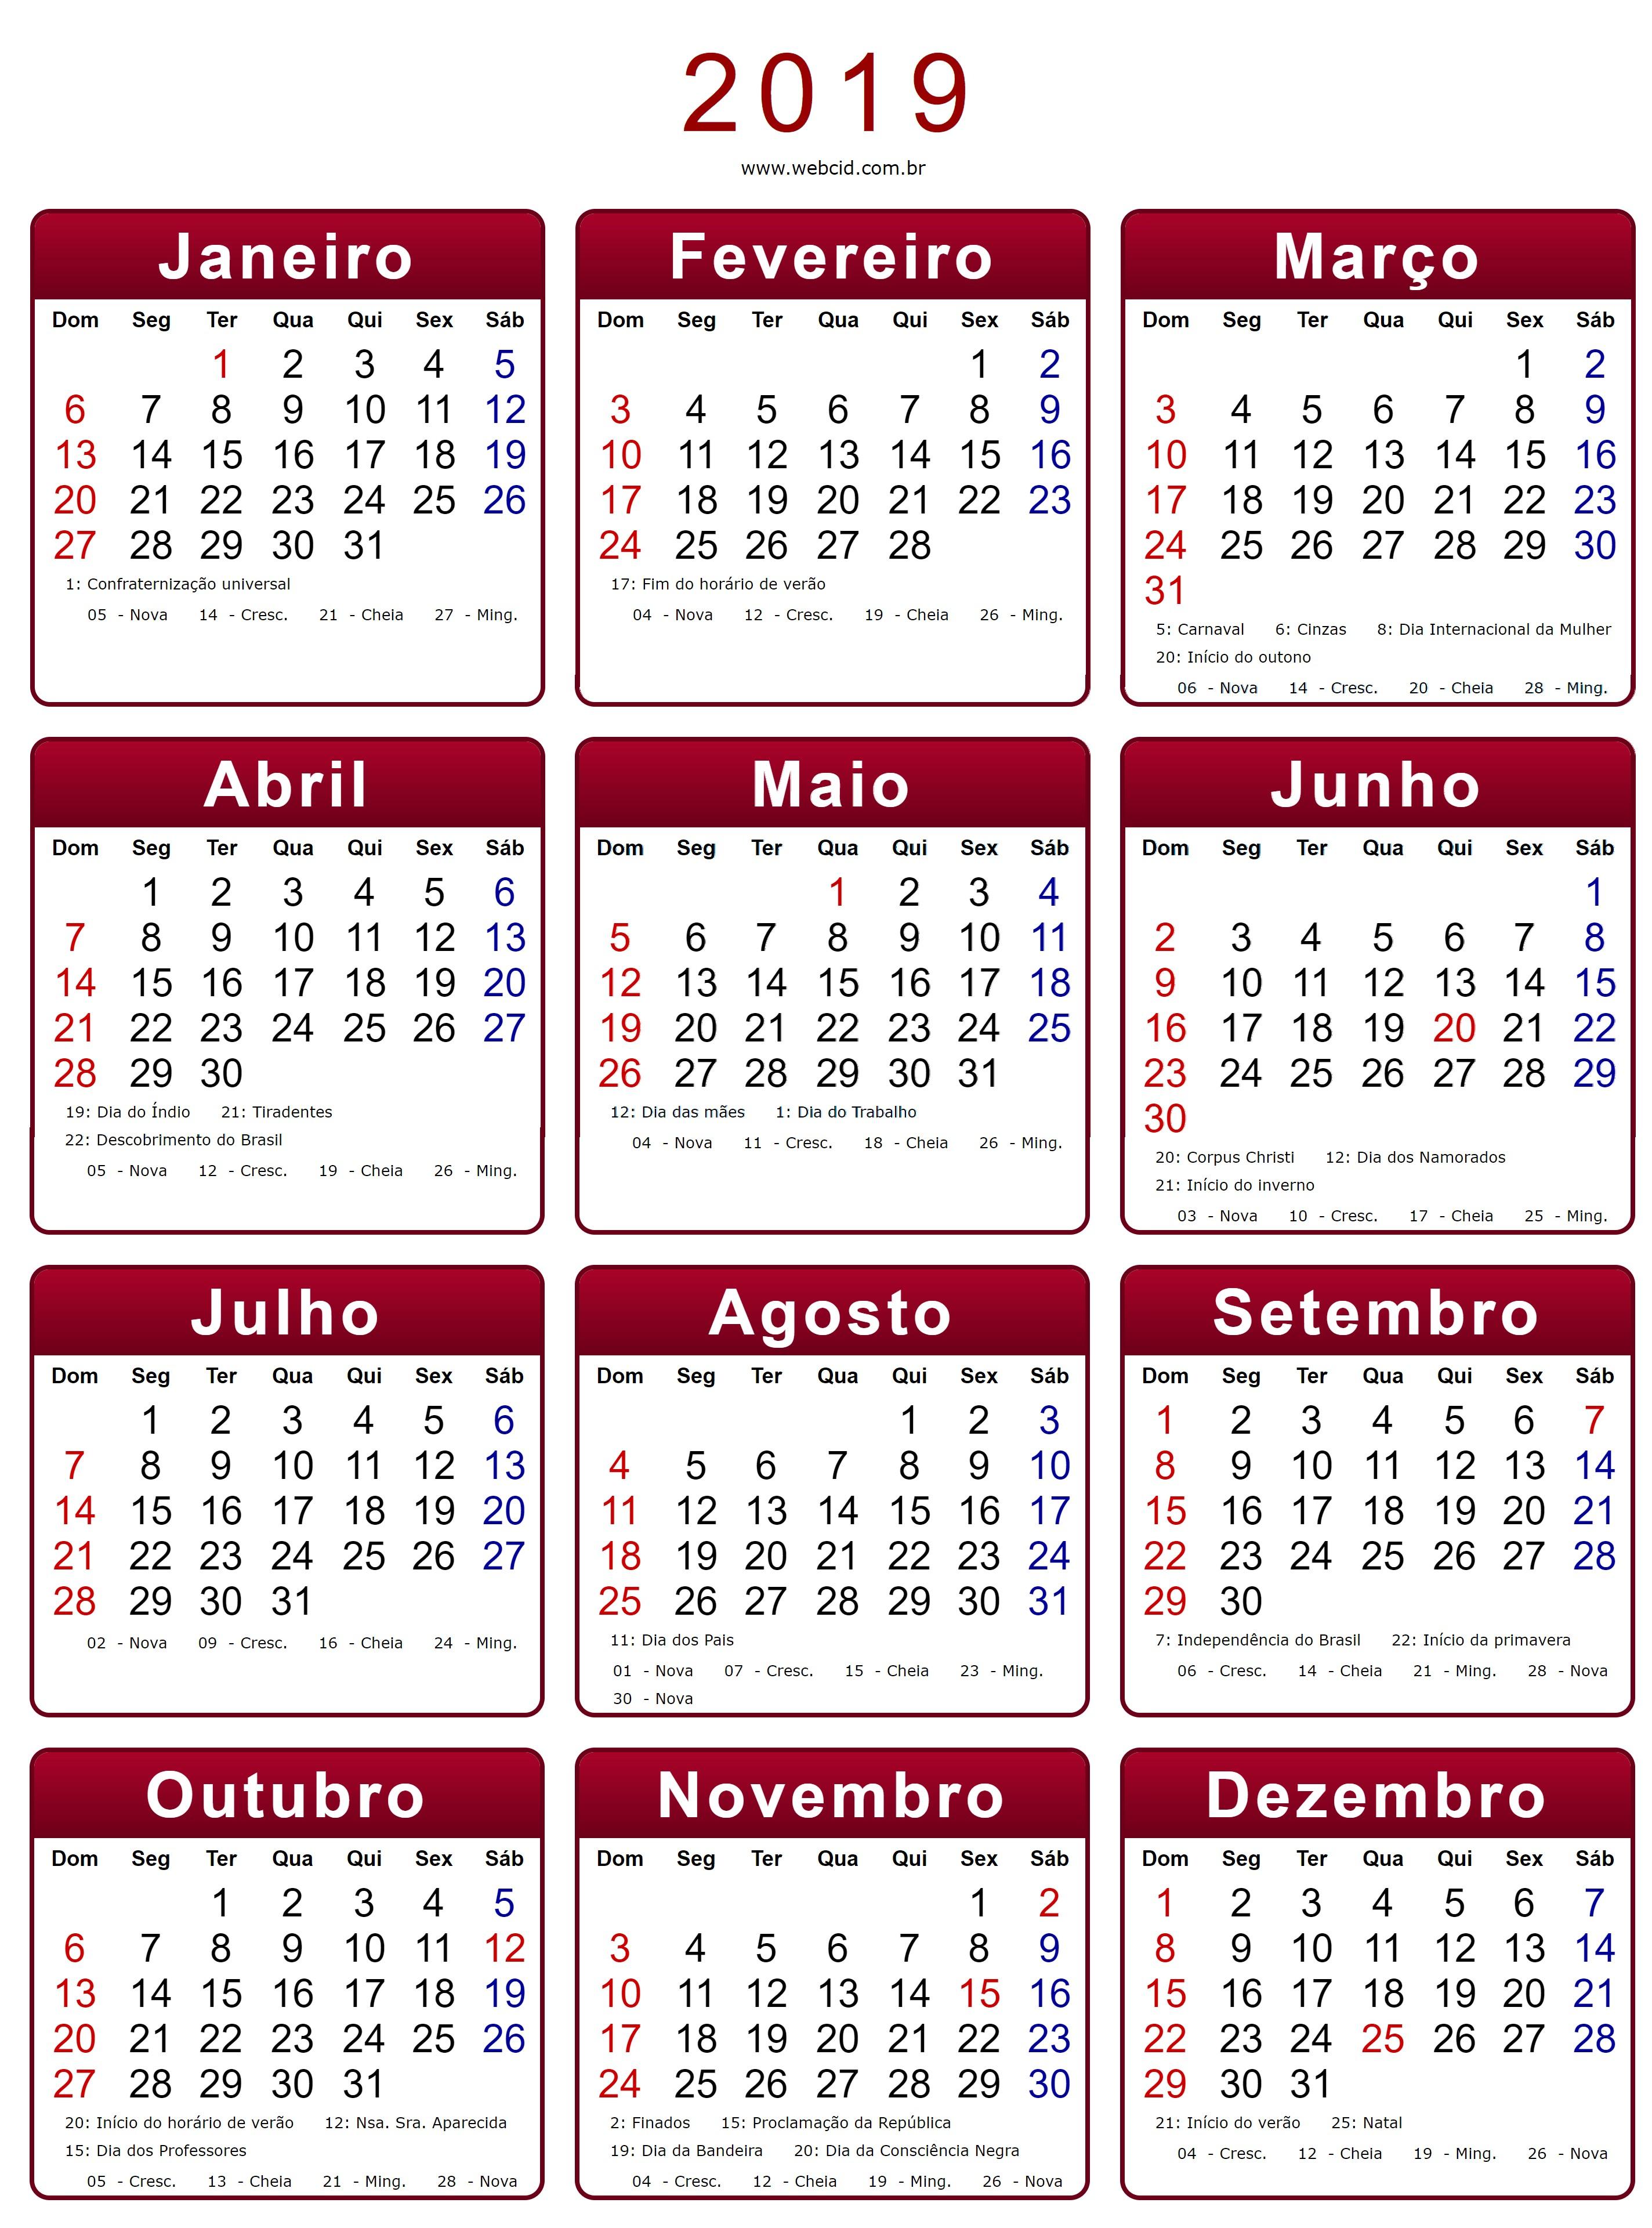 calendario 2019 vermelho retrato